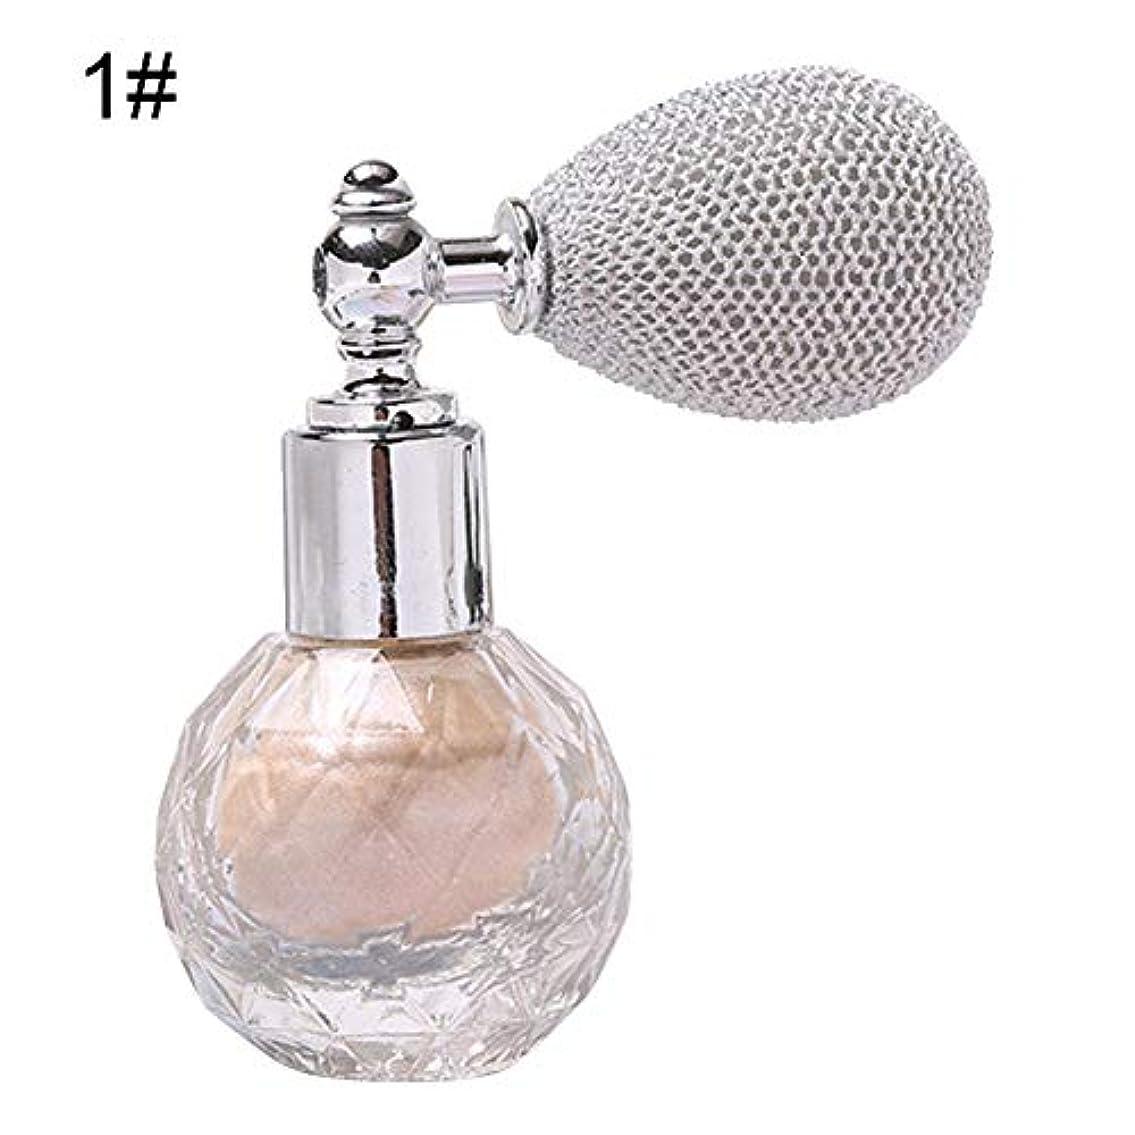 ガラスボトル香水瓶 アトマイザー ポンプ式 香水瓶 クリア星柄ストリームラインデザイン シルバーワインスプレー 100ML ホーム飾り 装飾雑貨